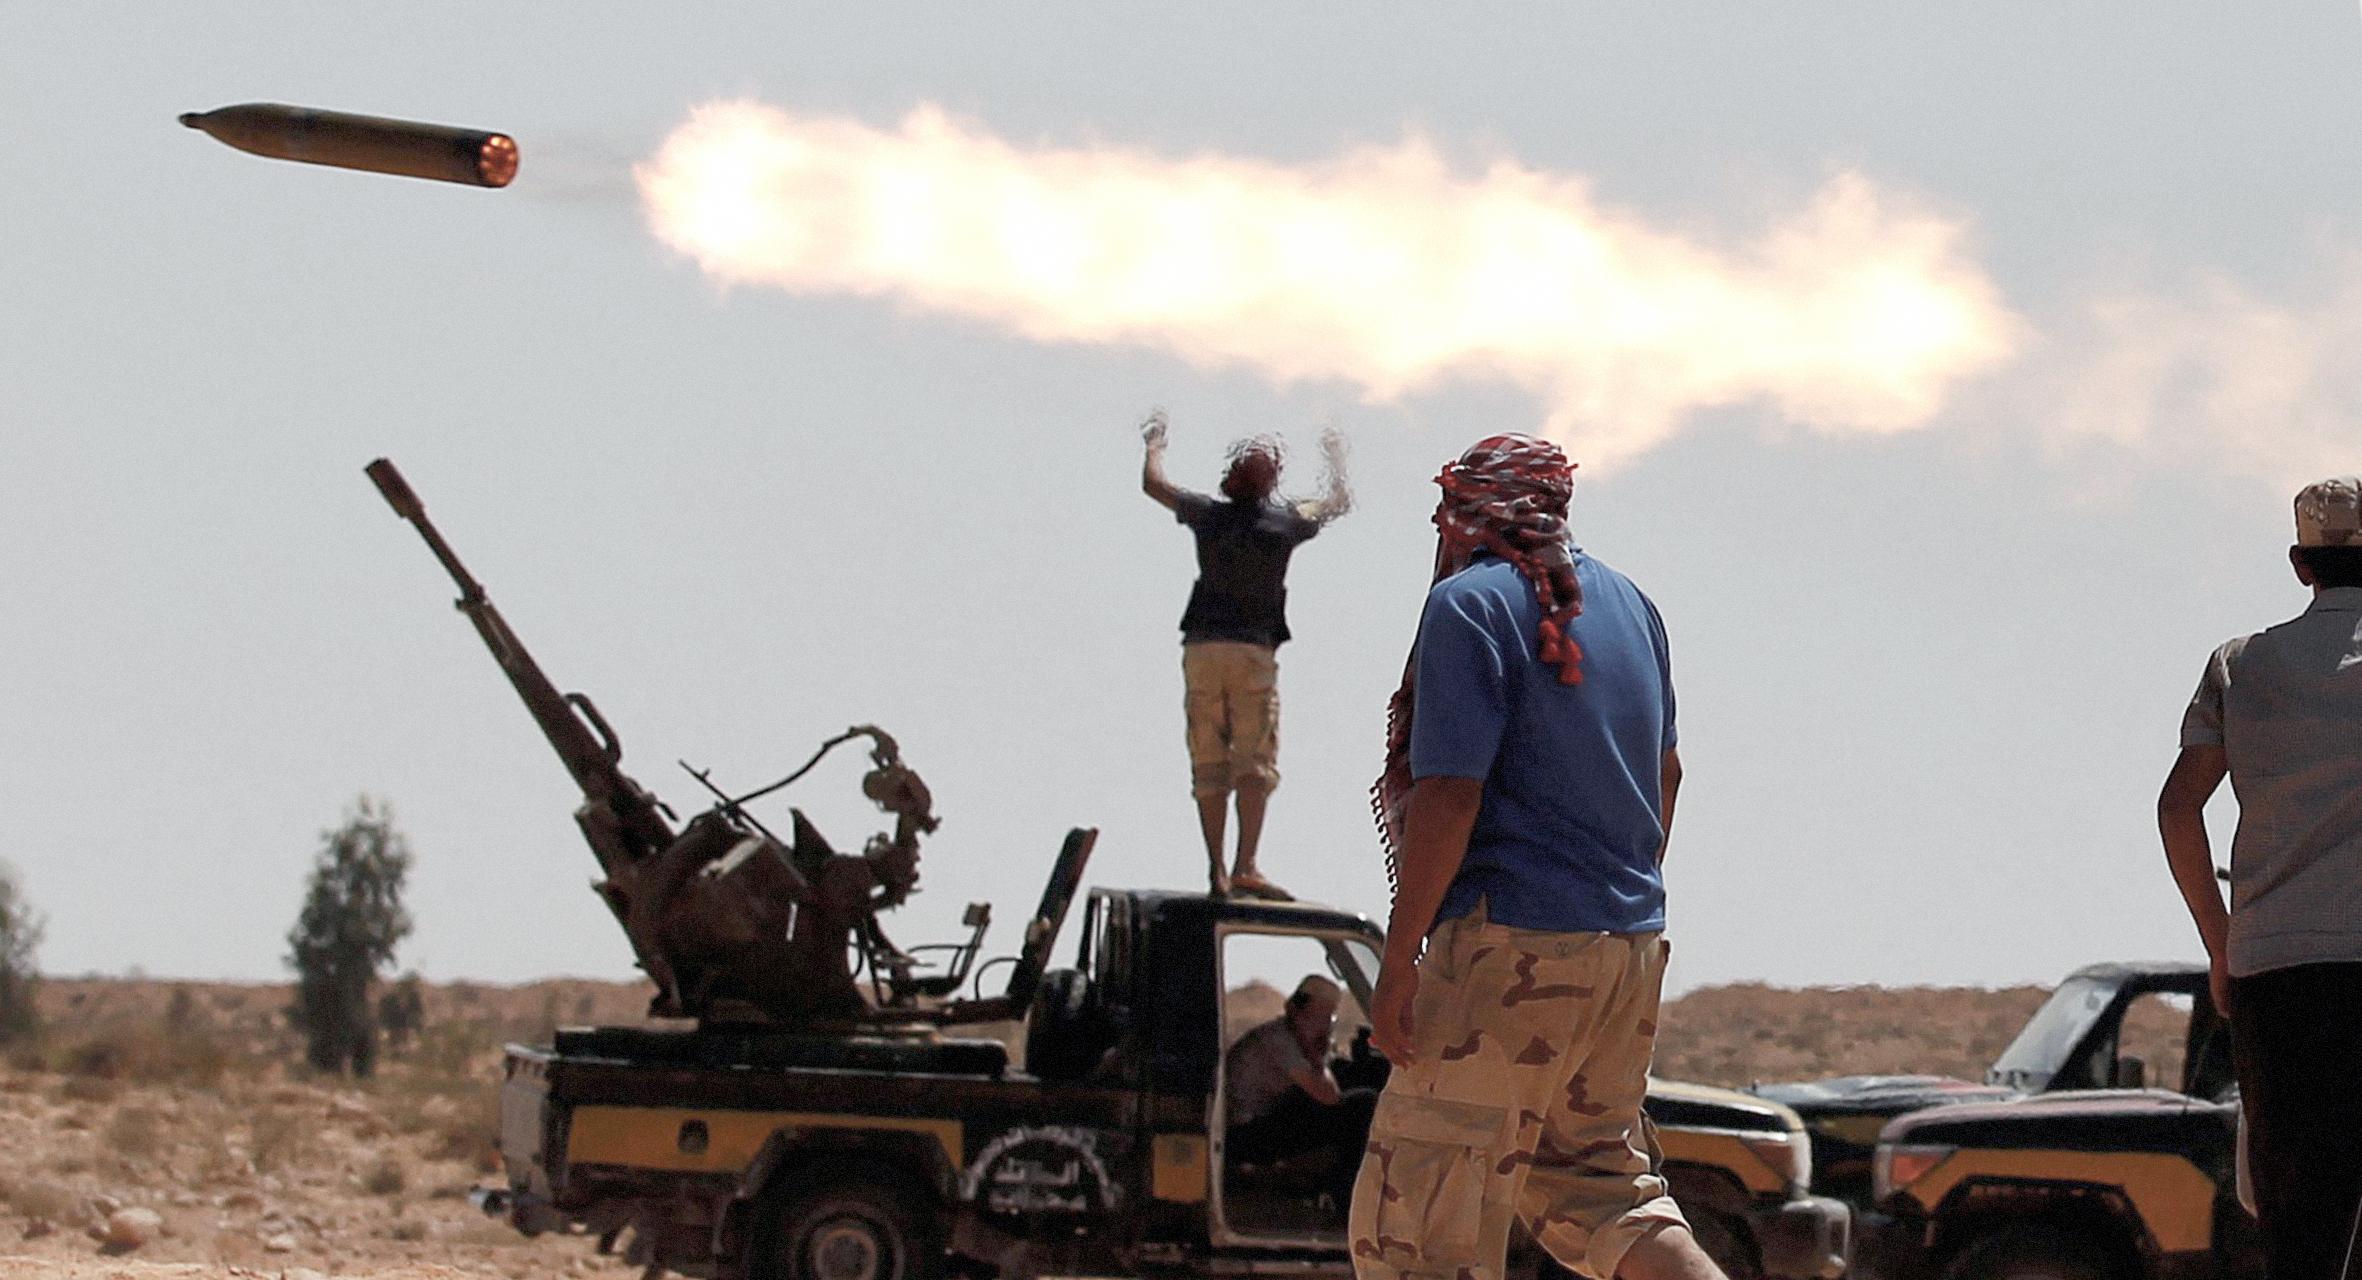 صورة استمرار تبادل إطلاق النار احتفالاً بوقف إطلاق النار في ليبيا